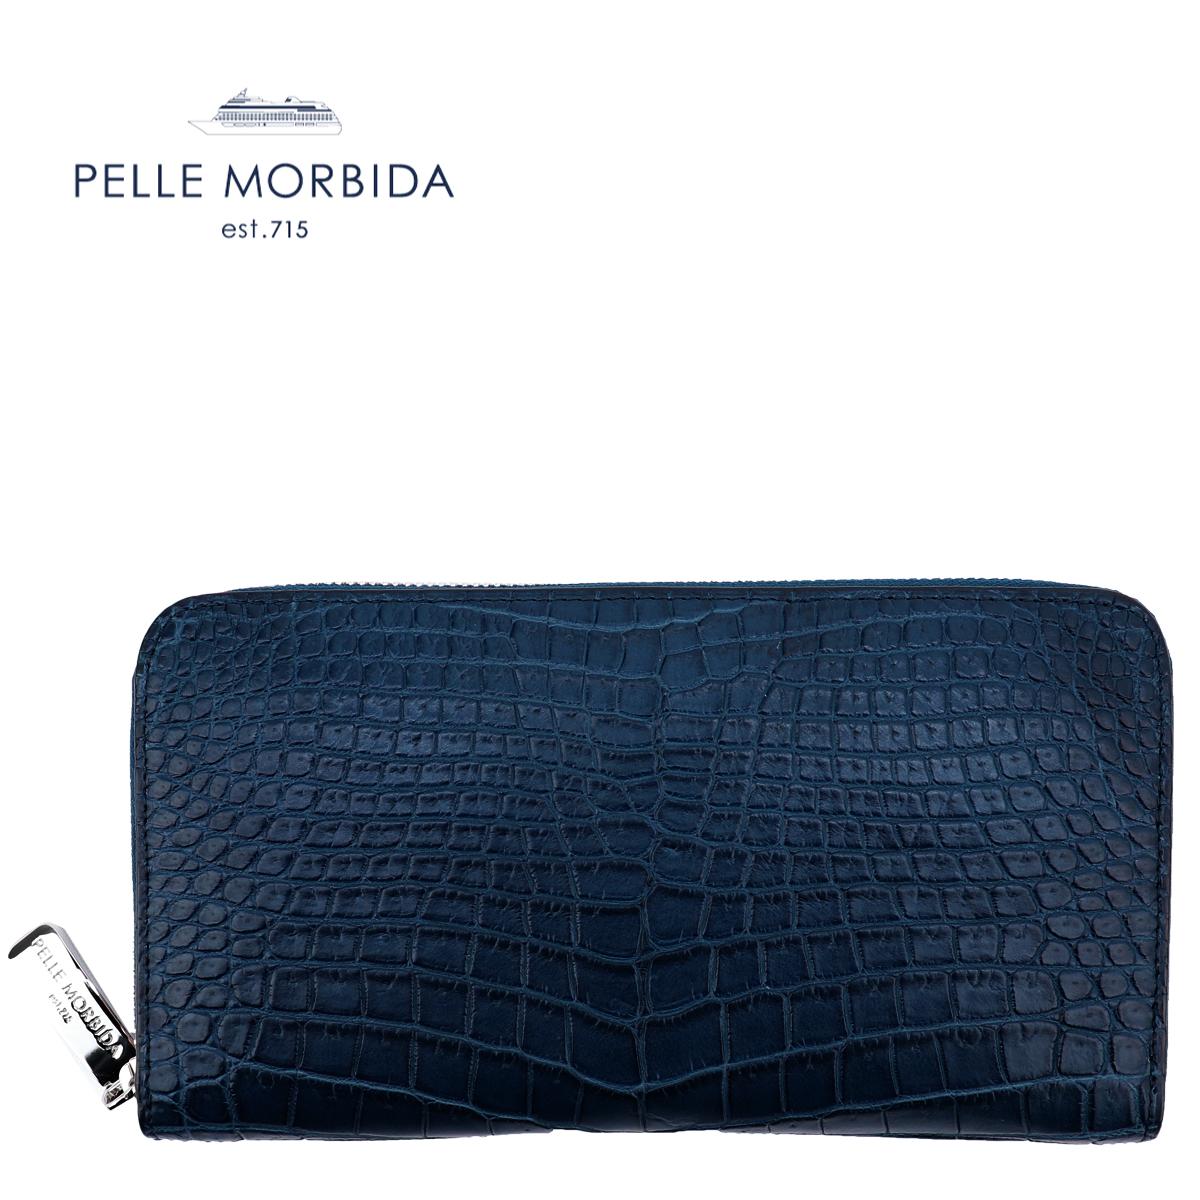 国内正規品 即日発送 PELLE MORBIDA ペッレモルビダ クロコダイル ラウンドジップ 長財布 PMO-CRS010 BLUE(ブルー)